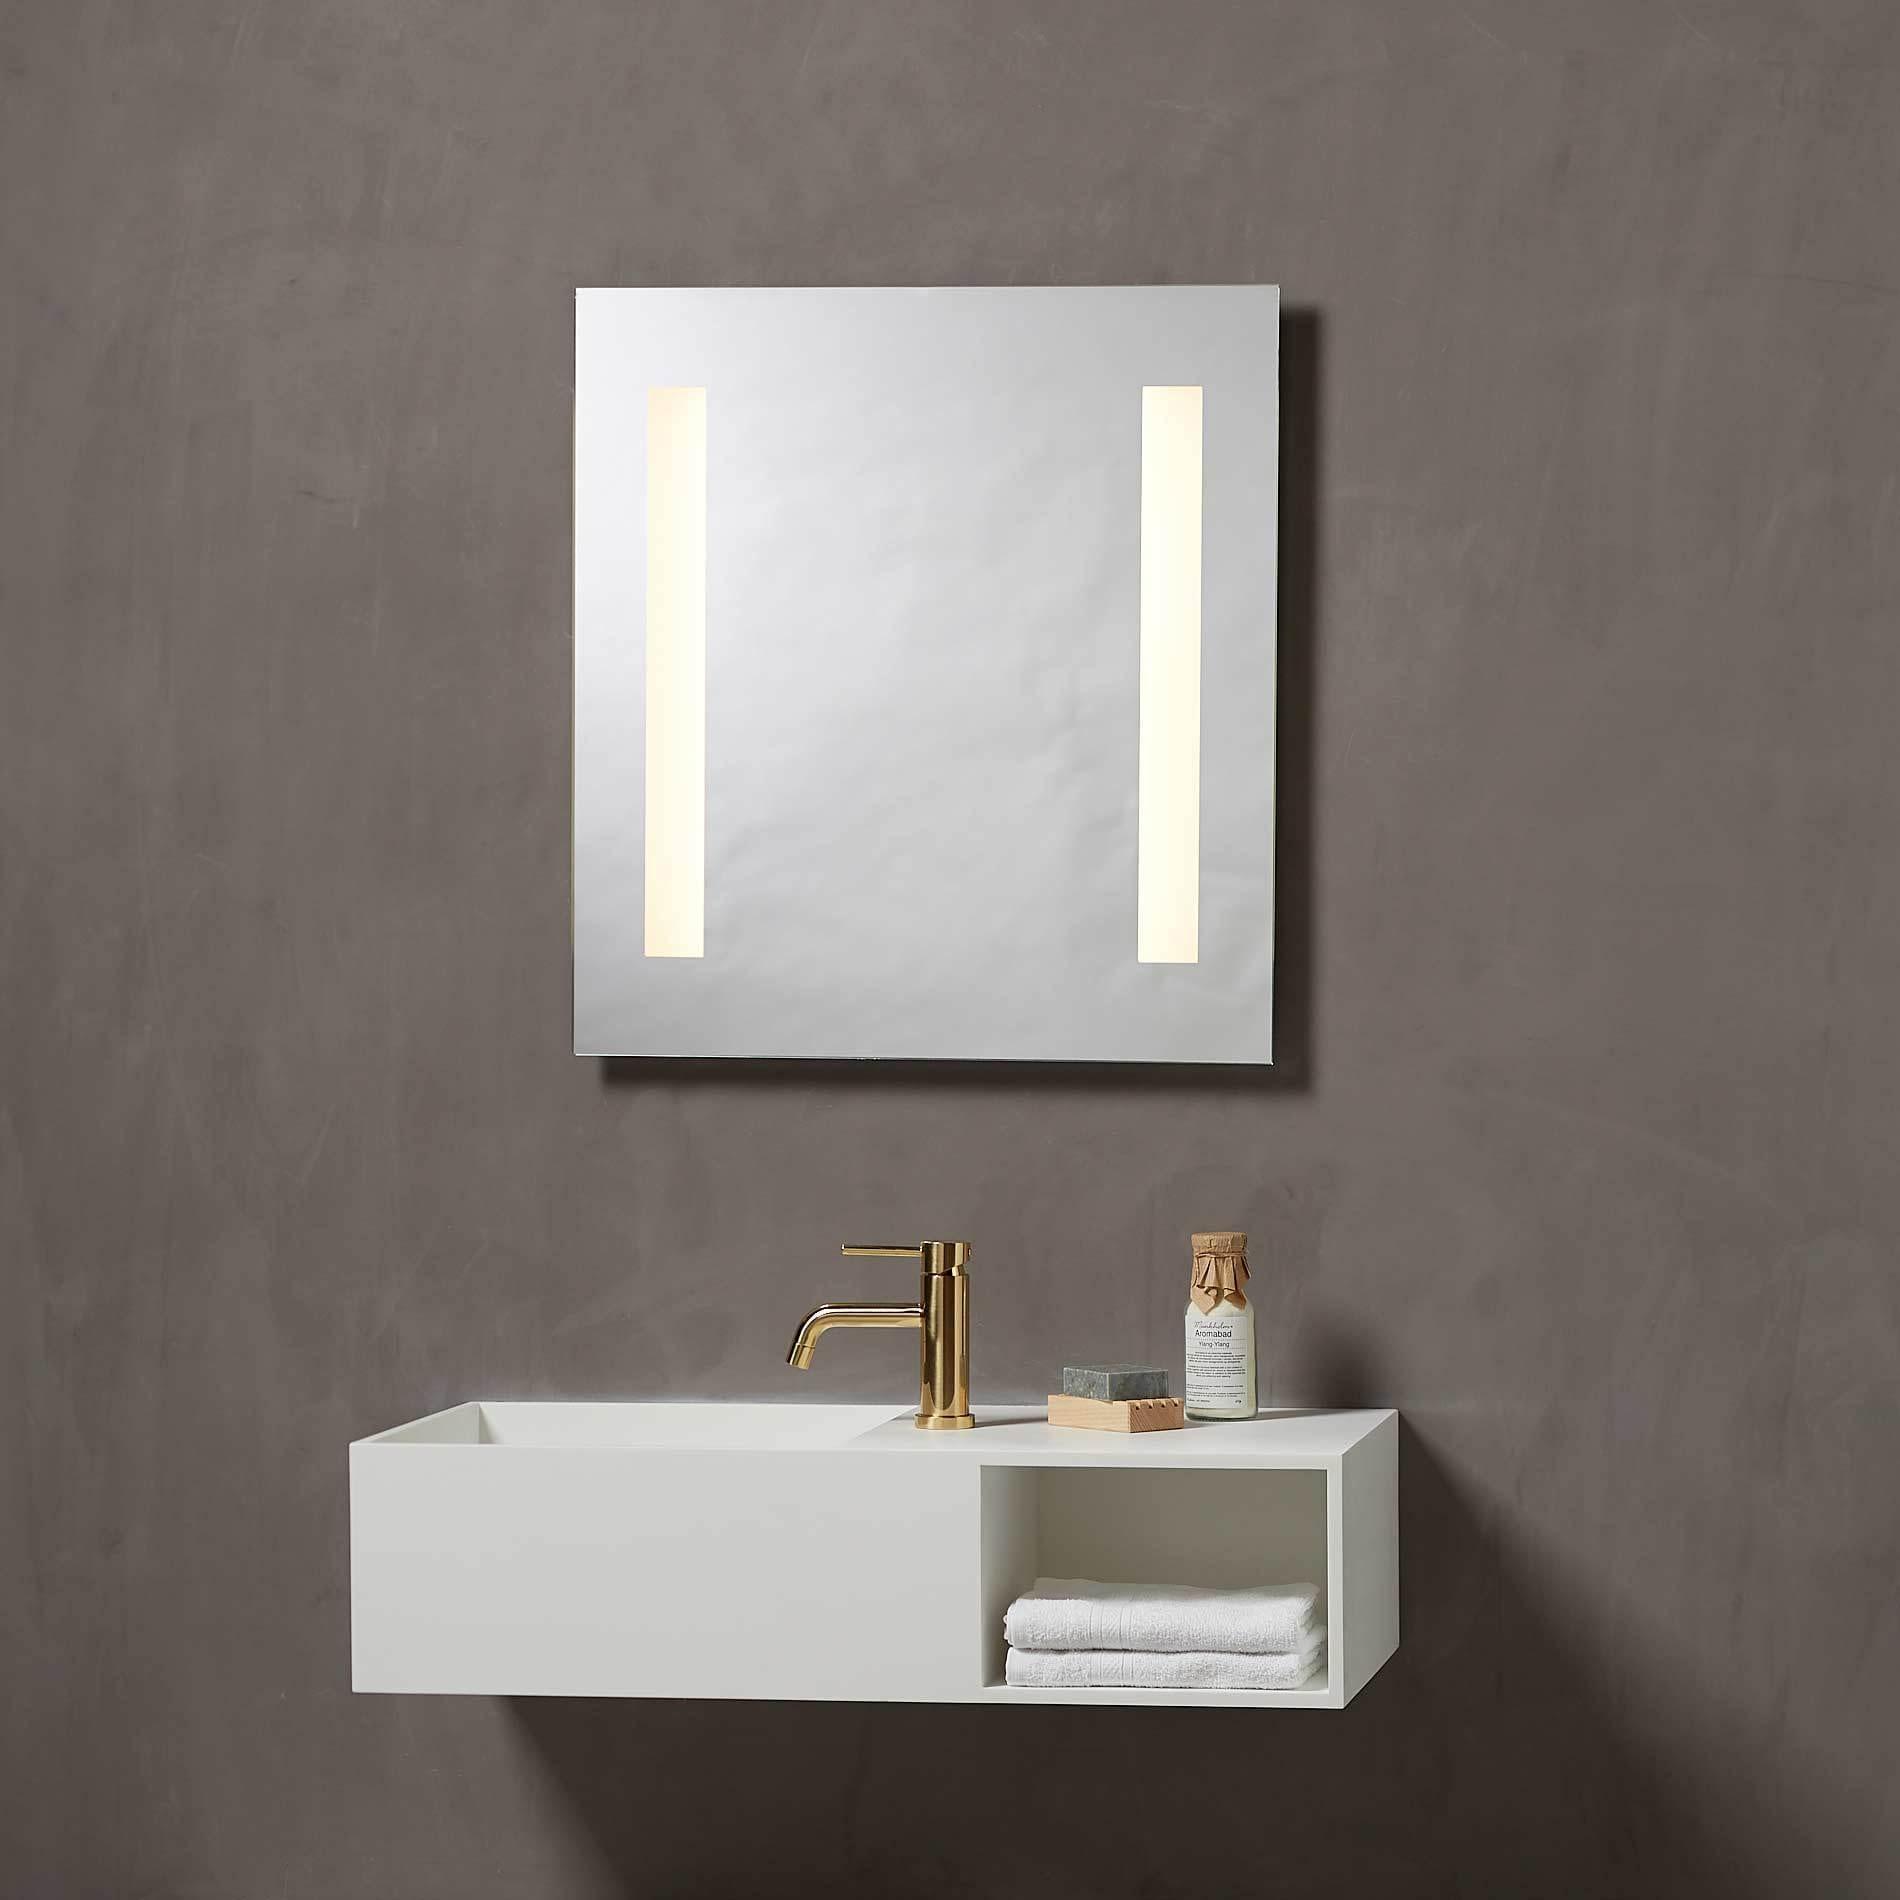 Speil med led lys 60 | Illuminor as